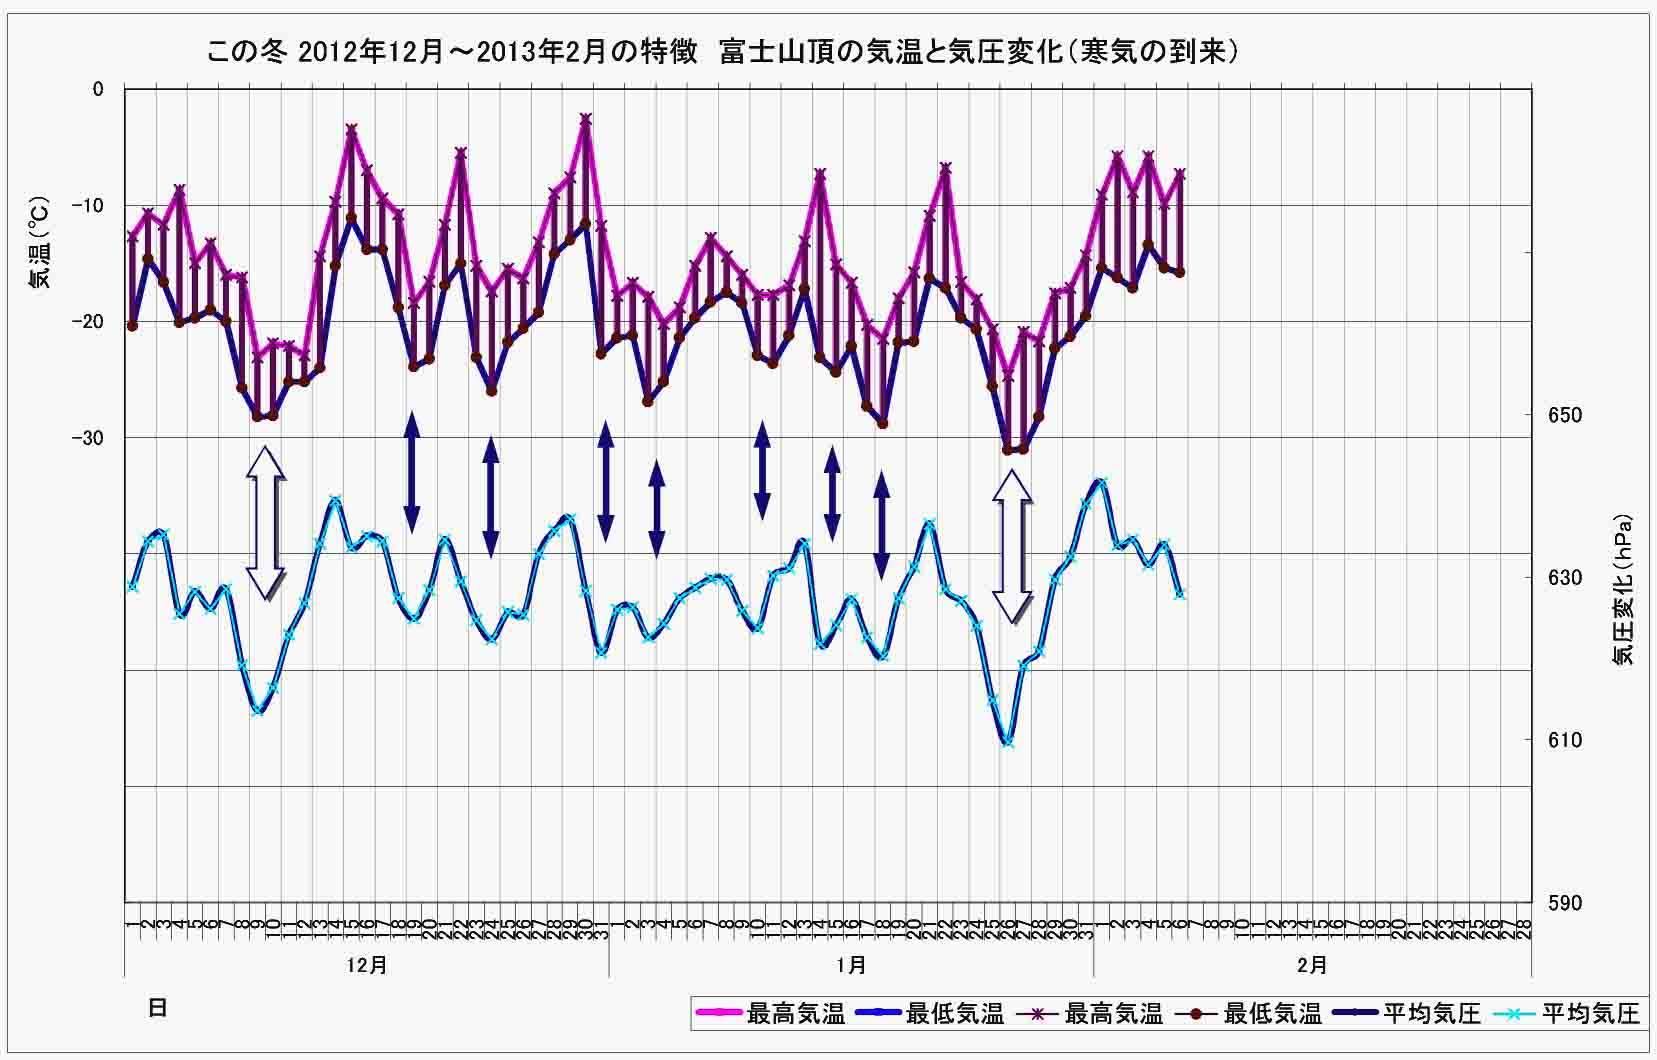 (2) この冬の特徴 富士山頂の気温と気圧